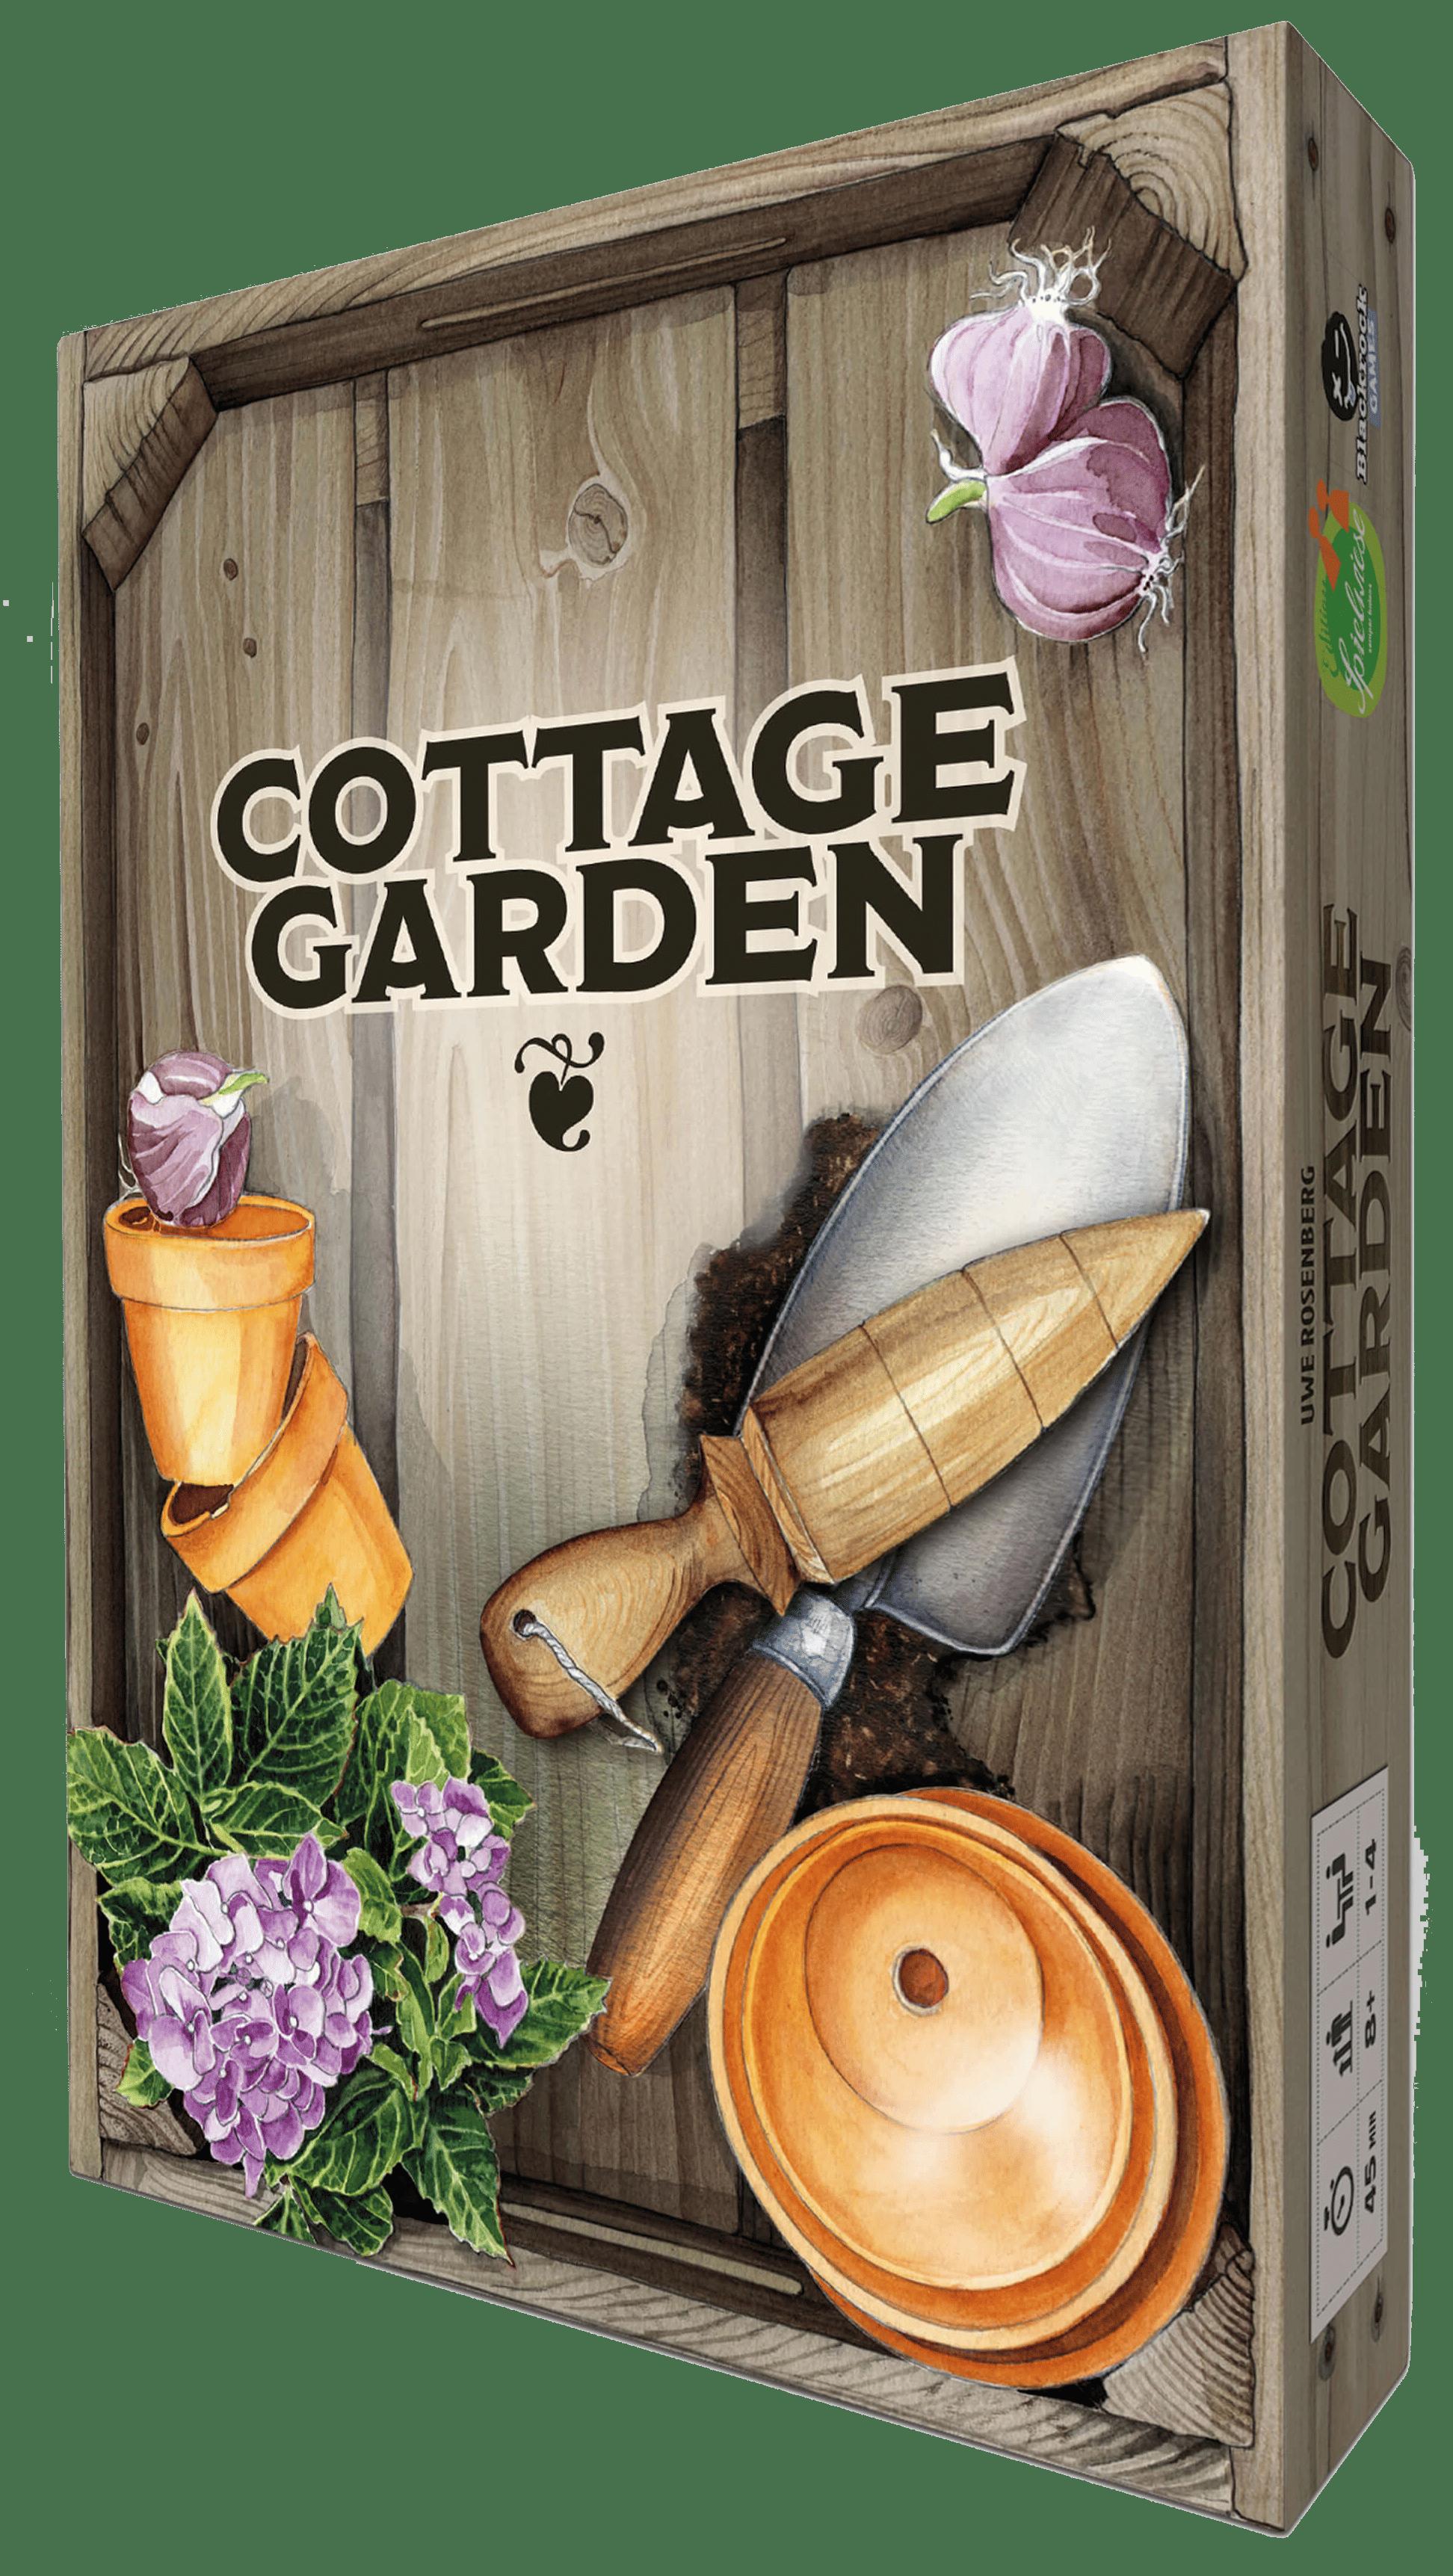 Cottage-garden-boite3D